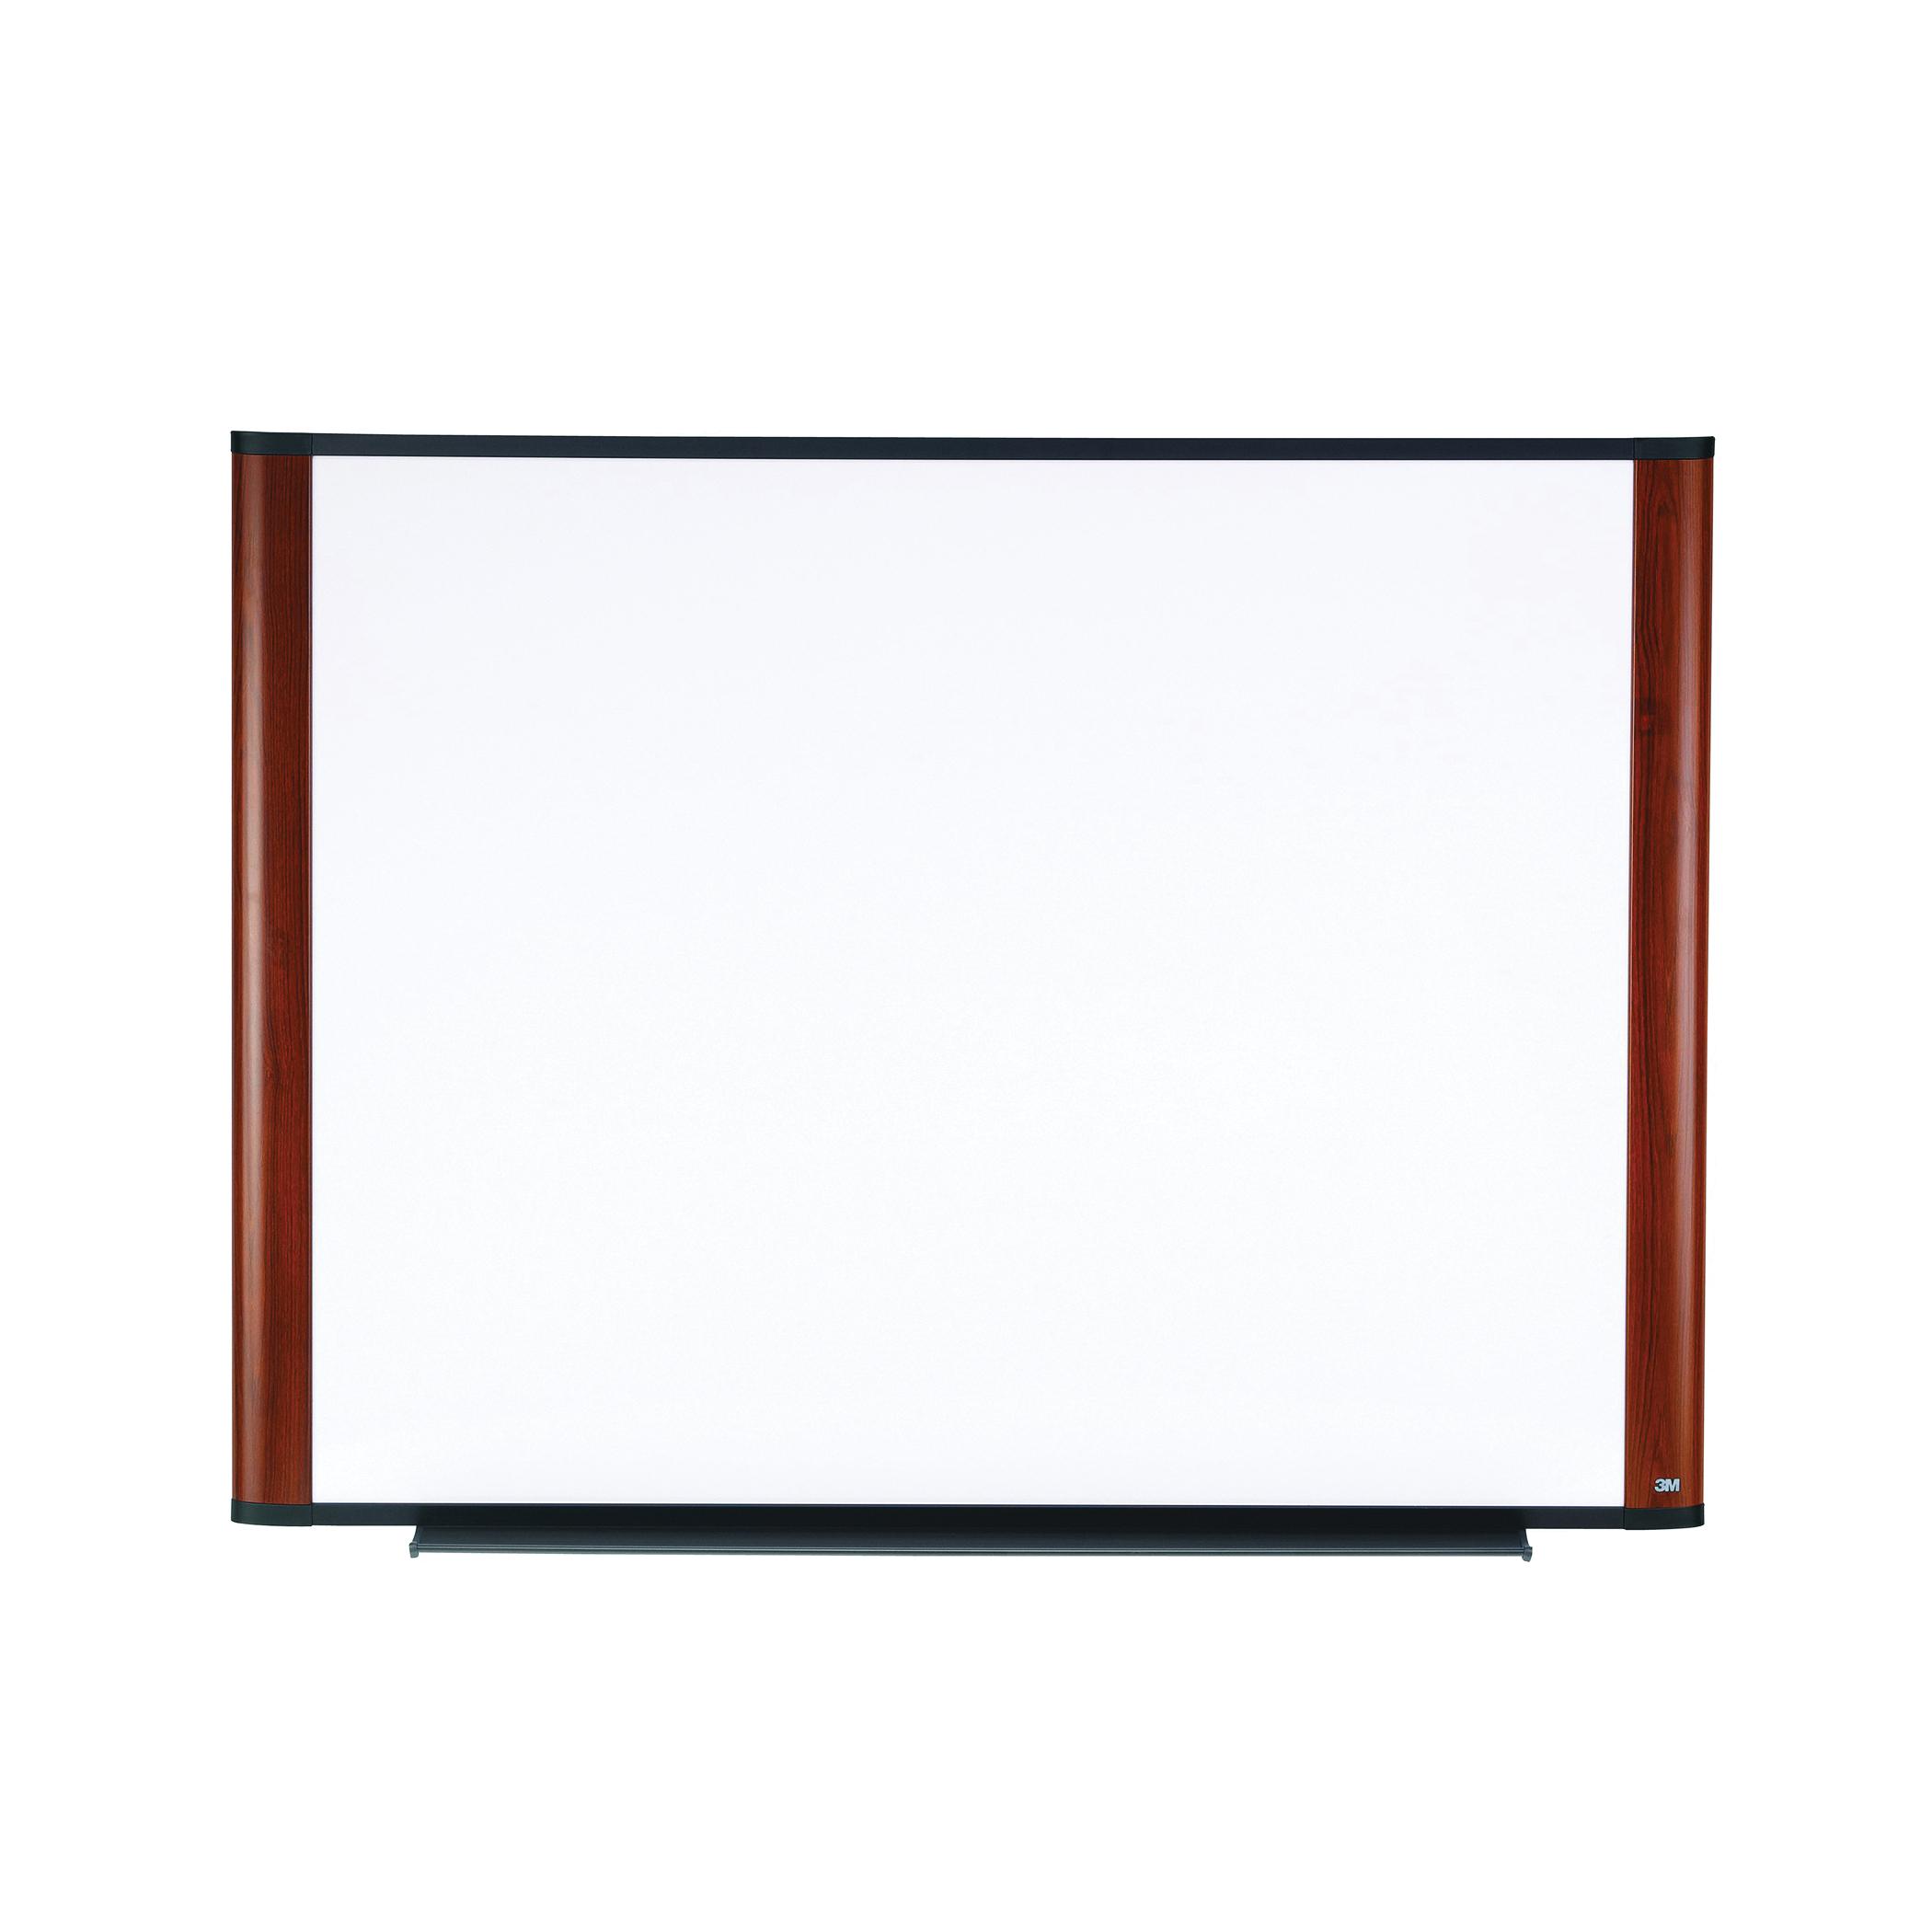 3M™ 051128-78887 Frameless Widescreen Privacy Filter, LCD, 60 deg, Black/Gold, Plastic